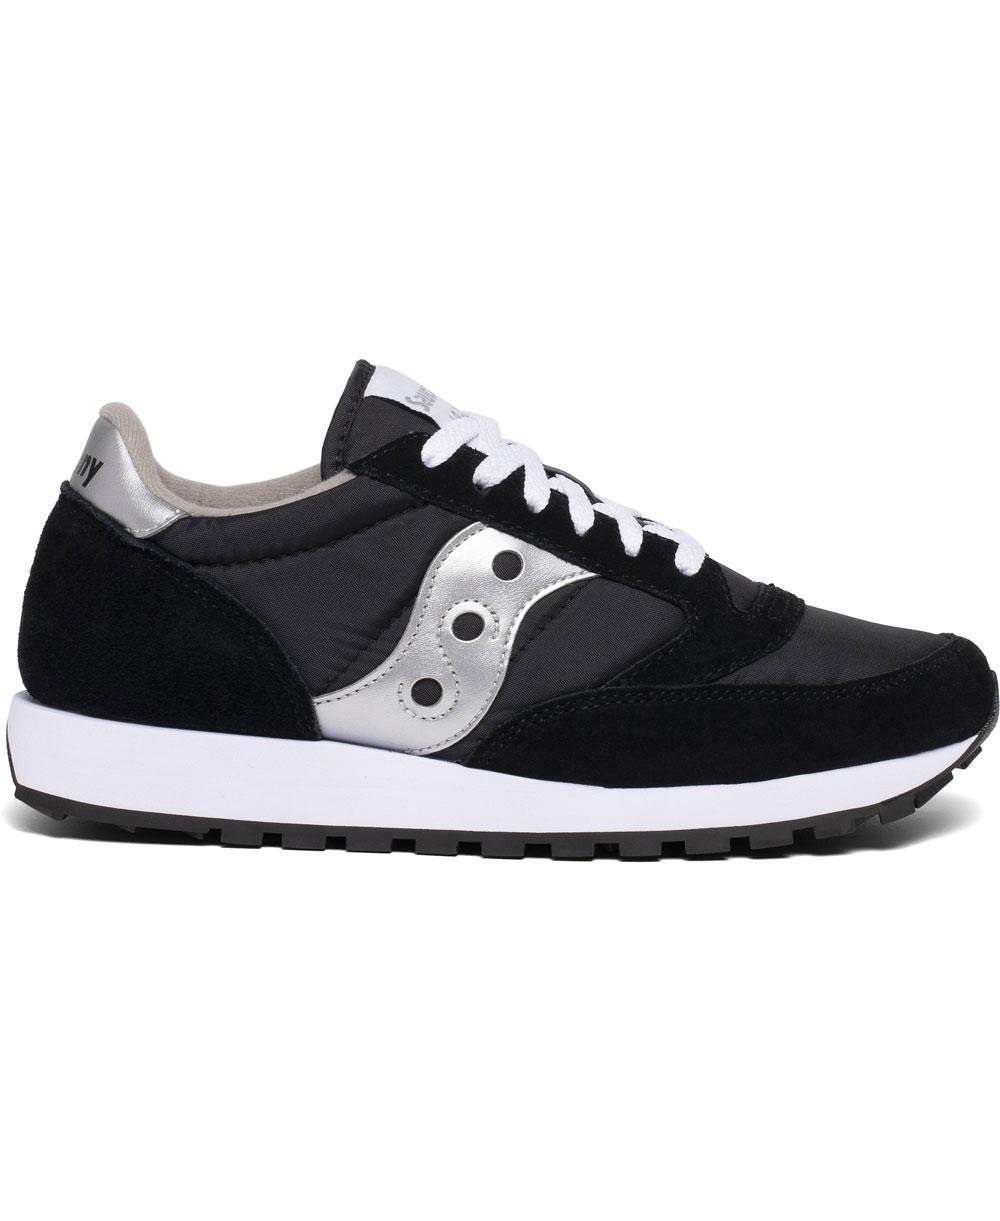 Jazz Original Zapatos Sneakers para Hombre Silver/Black